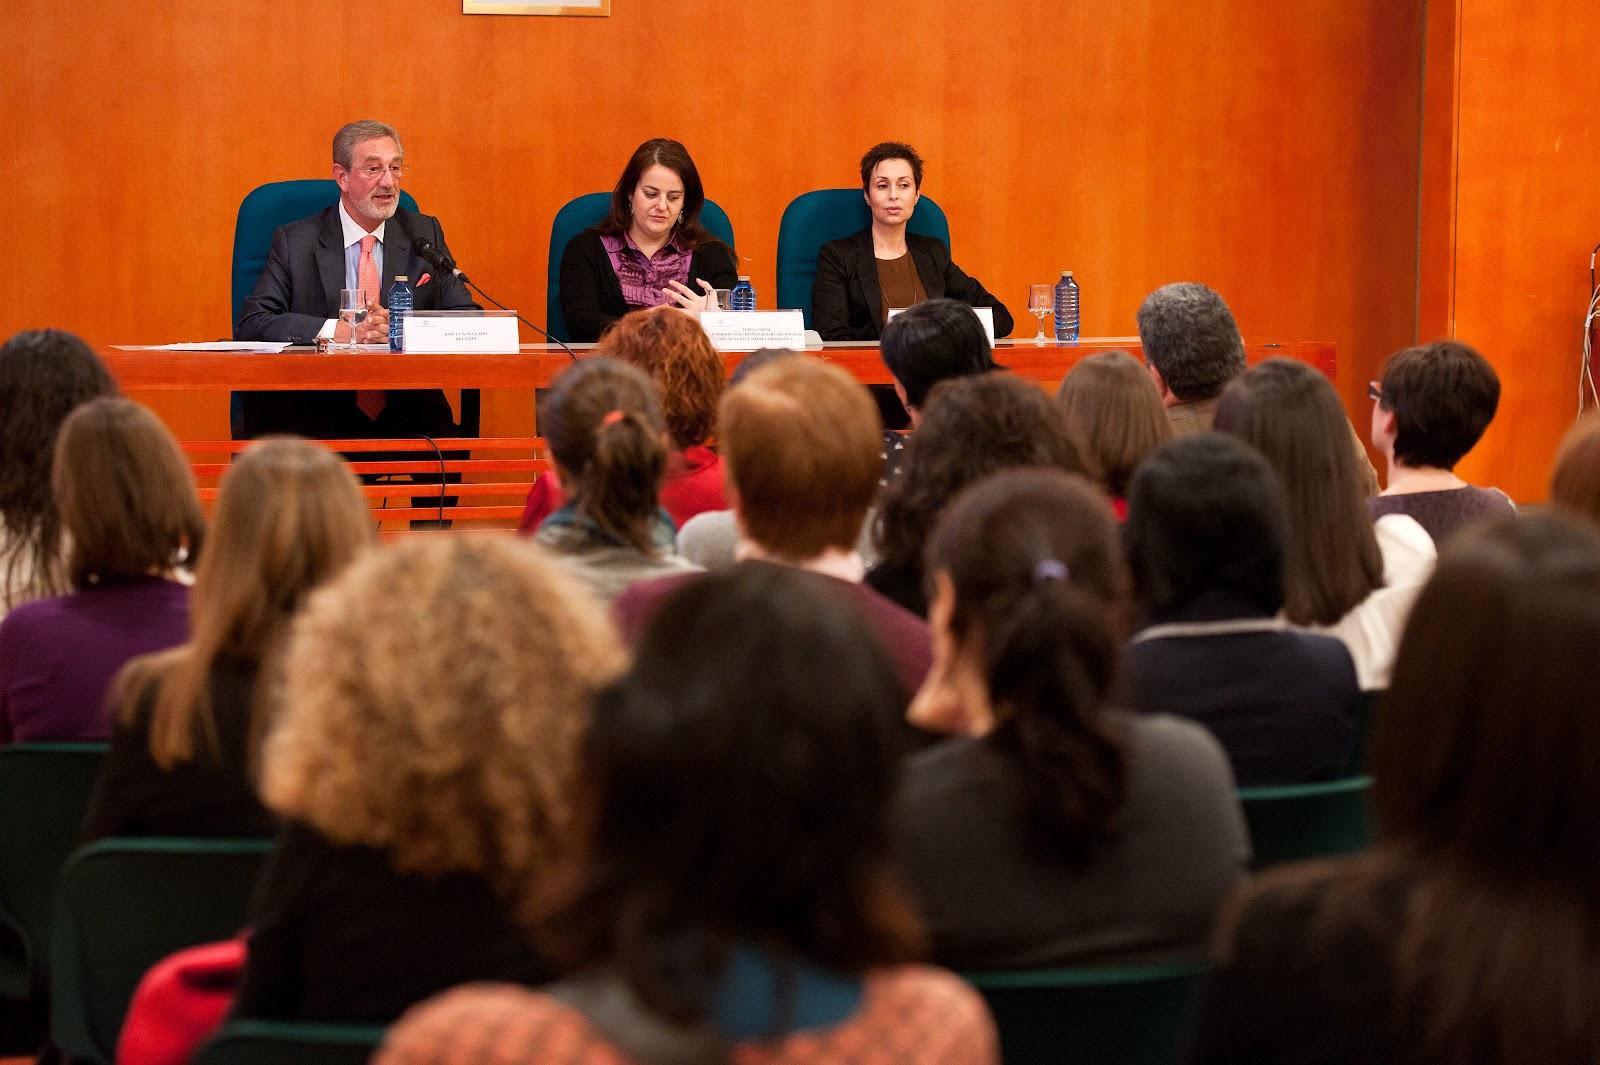 José Luis Delgado, Teresa Nozal y Olga Casal en el acto de inauguración del II Postgrado de Protocolo, Comunicación e Imagen Corporativa de la Uniersidade da Coruña